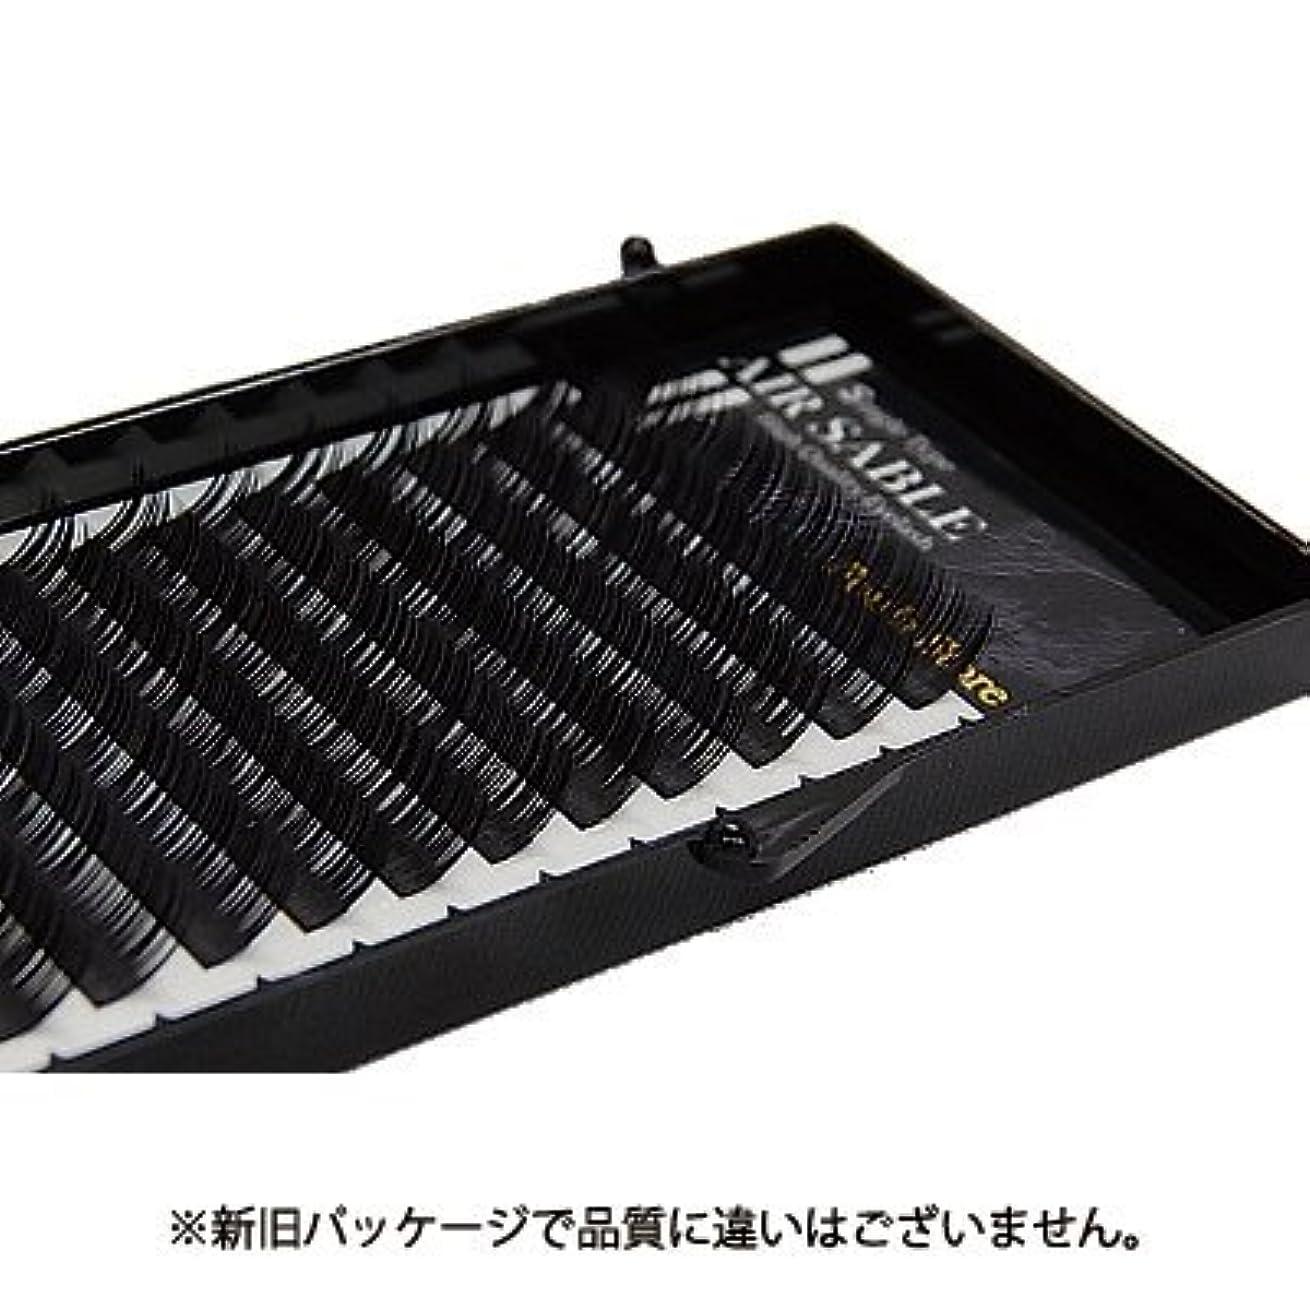 細菌貝殻特権【フーラ】エアーセーブル シート 12列 Cカール 12mm×0.15mm